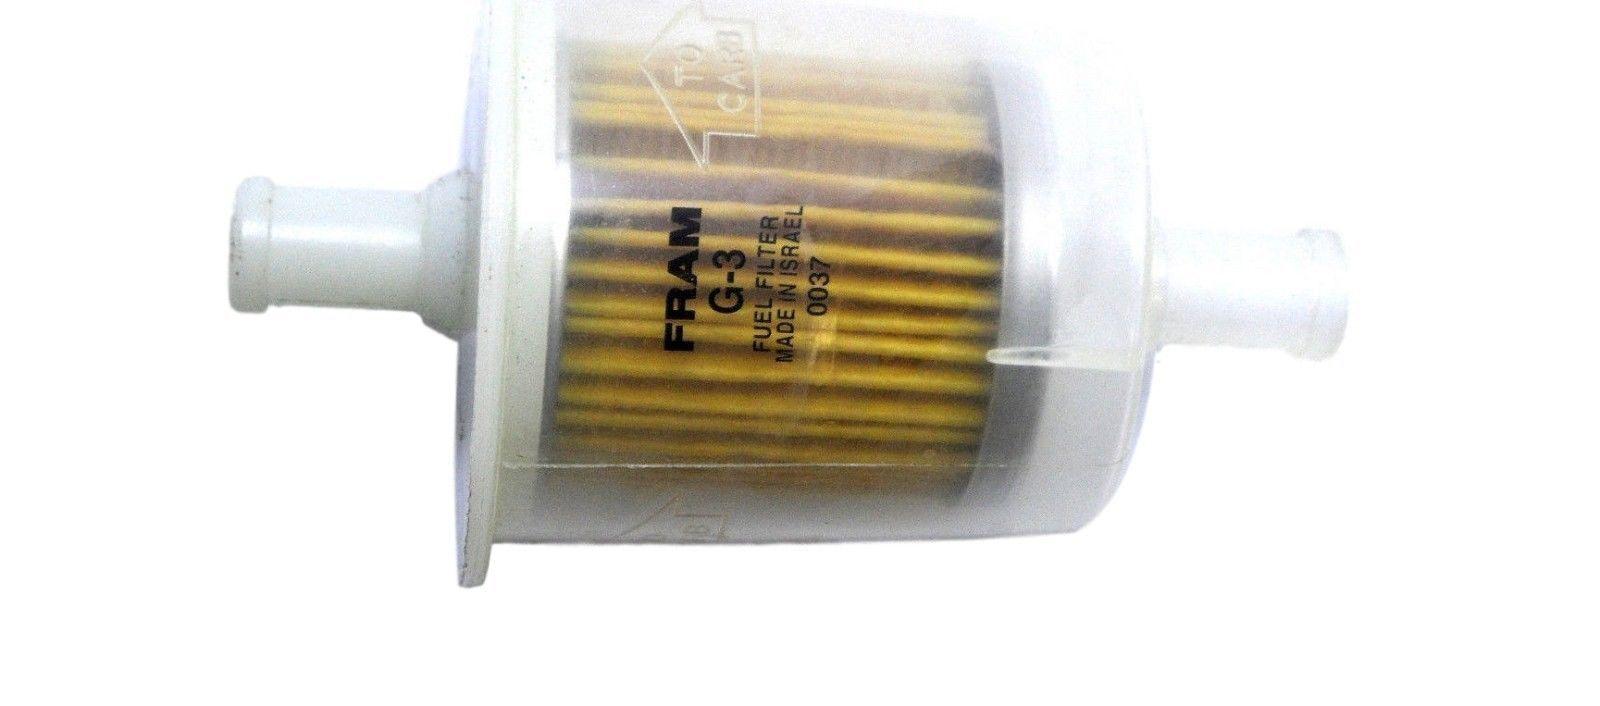 hight resolution of fram g4 fuel filter wiring diagramfram g3 fuel filter wiring schematic diagramfram g3 g 3 fuel